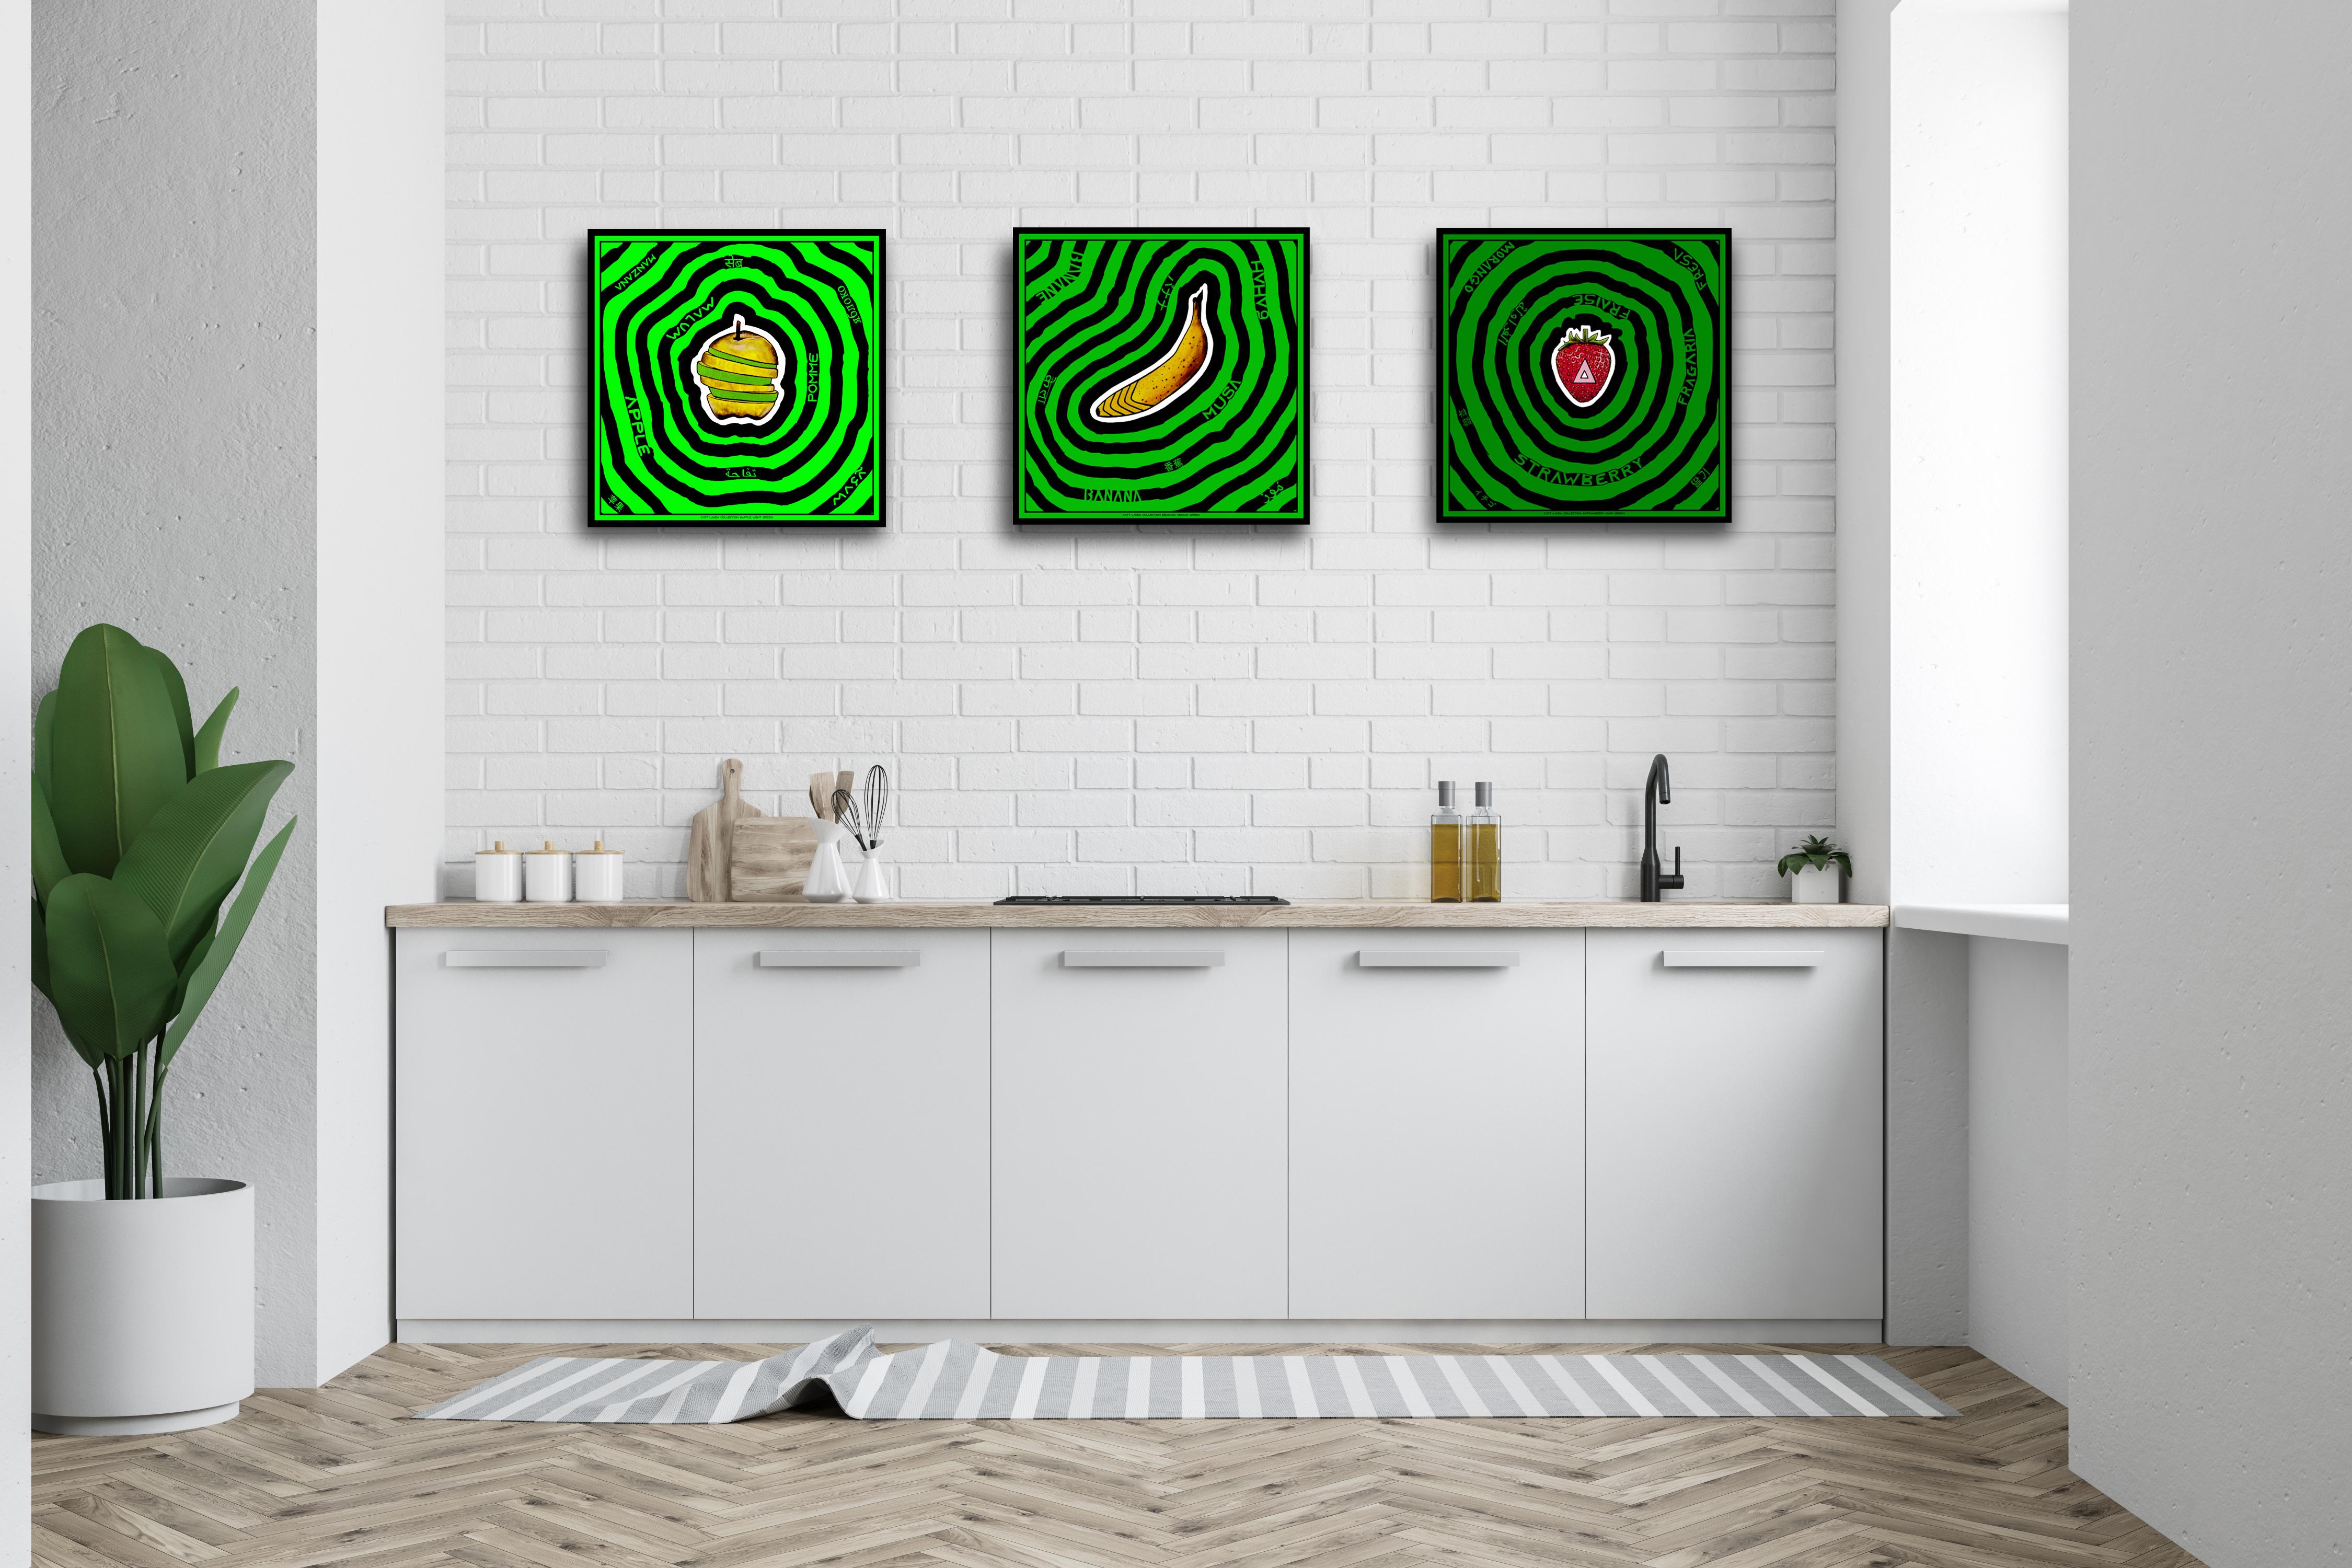 cuisine avec tableaux tryptique vert